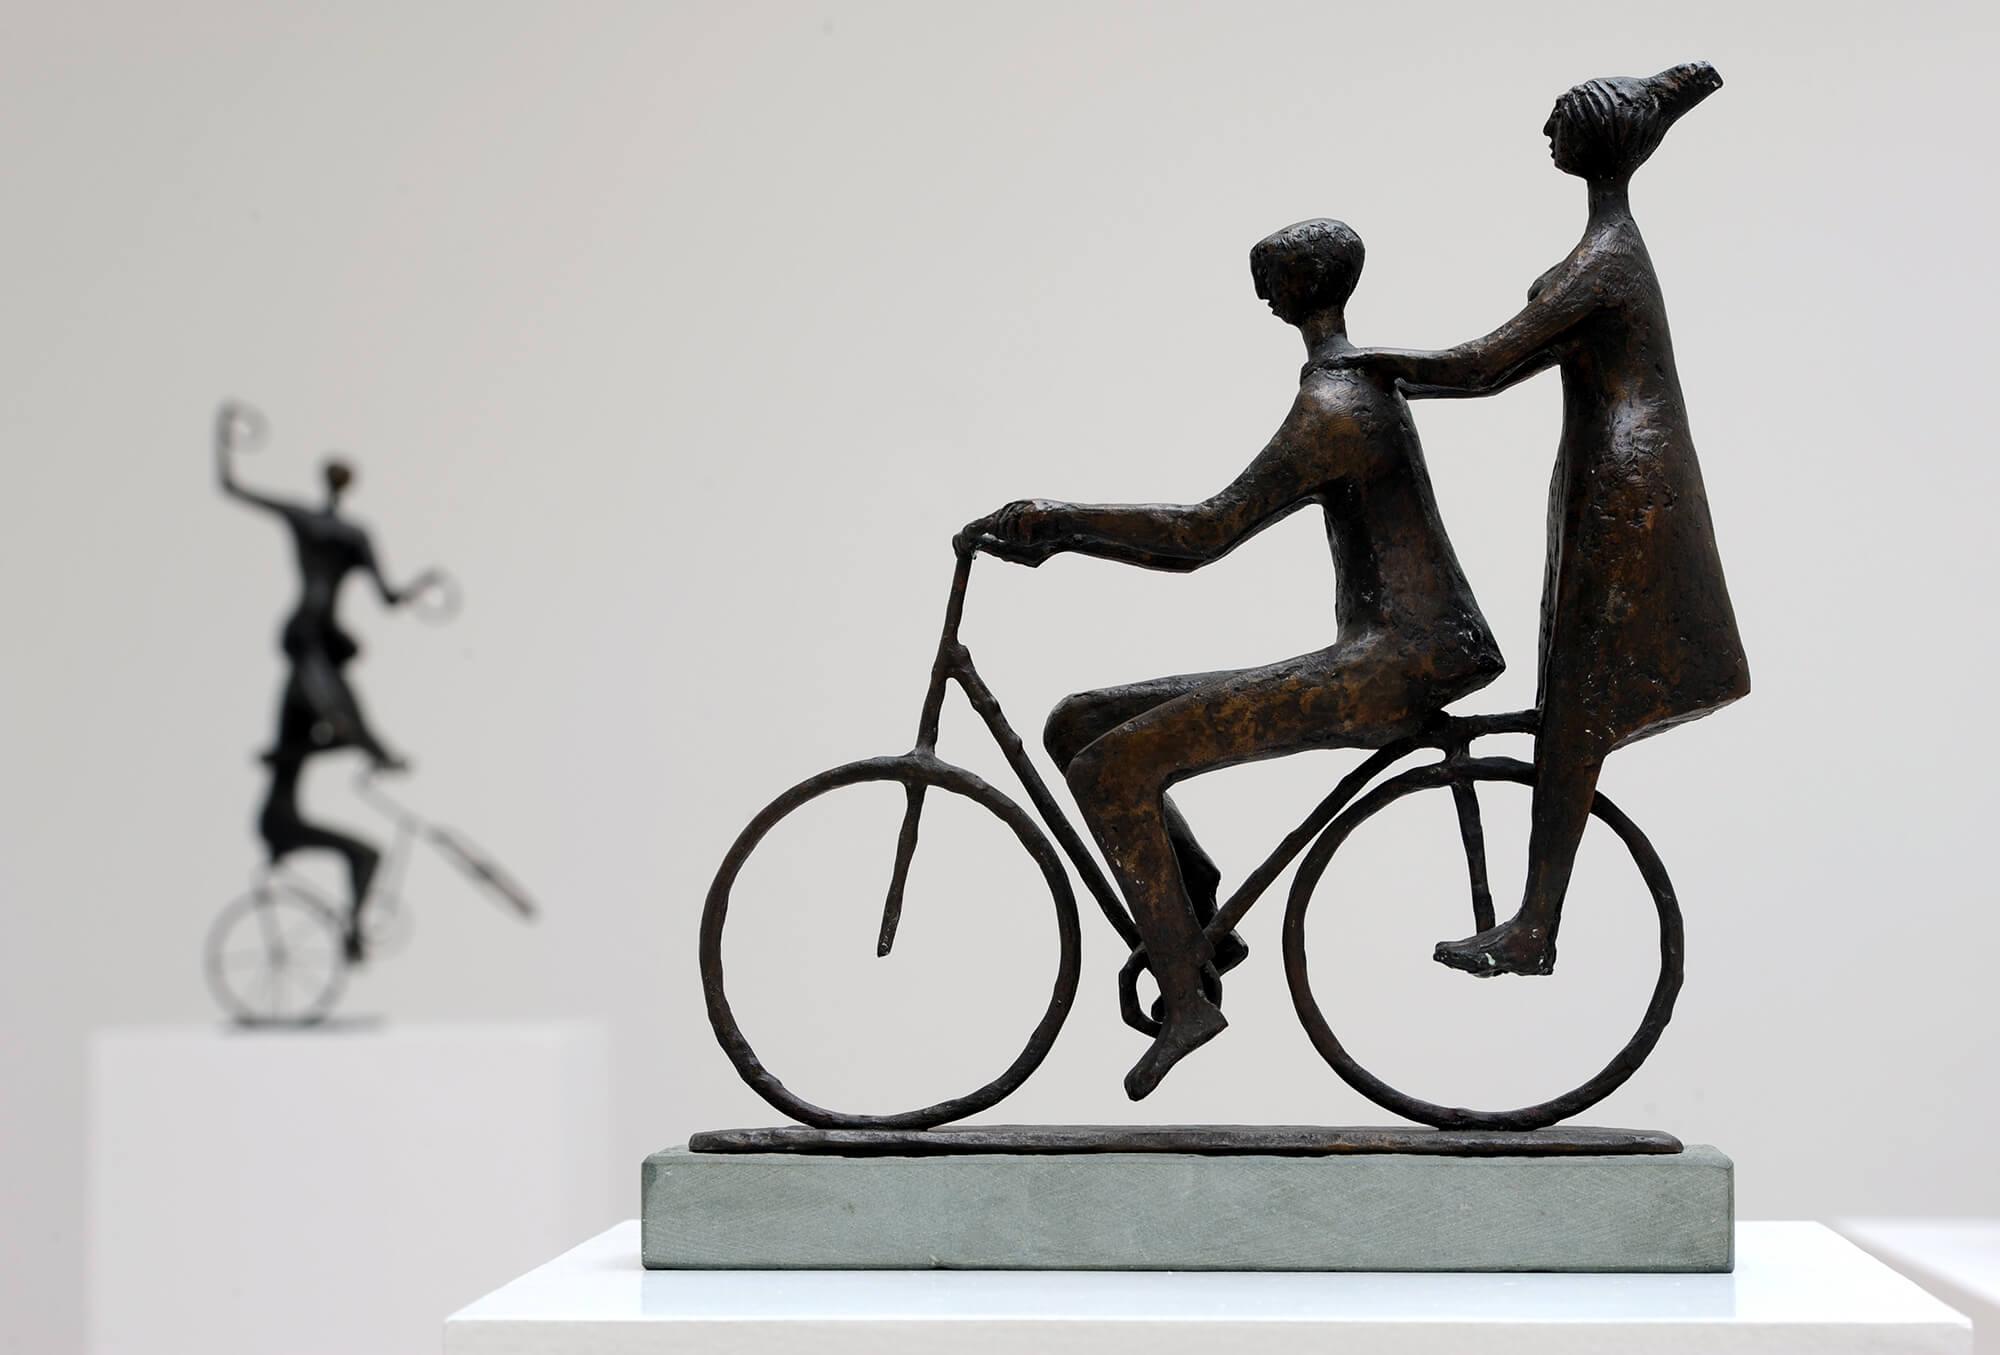 Gerhart Schreiter, Radartisten, 1960/61, Bronzefigur